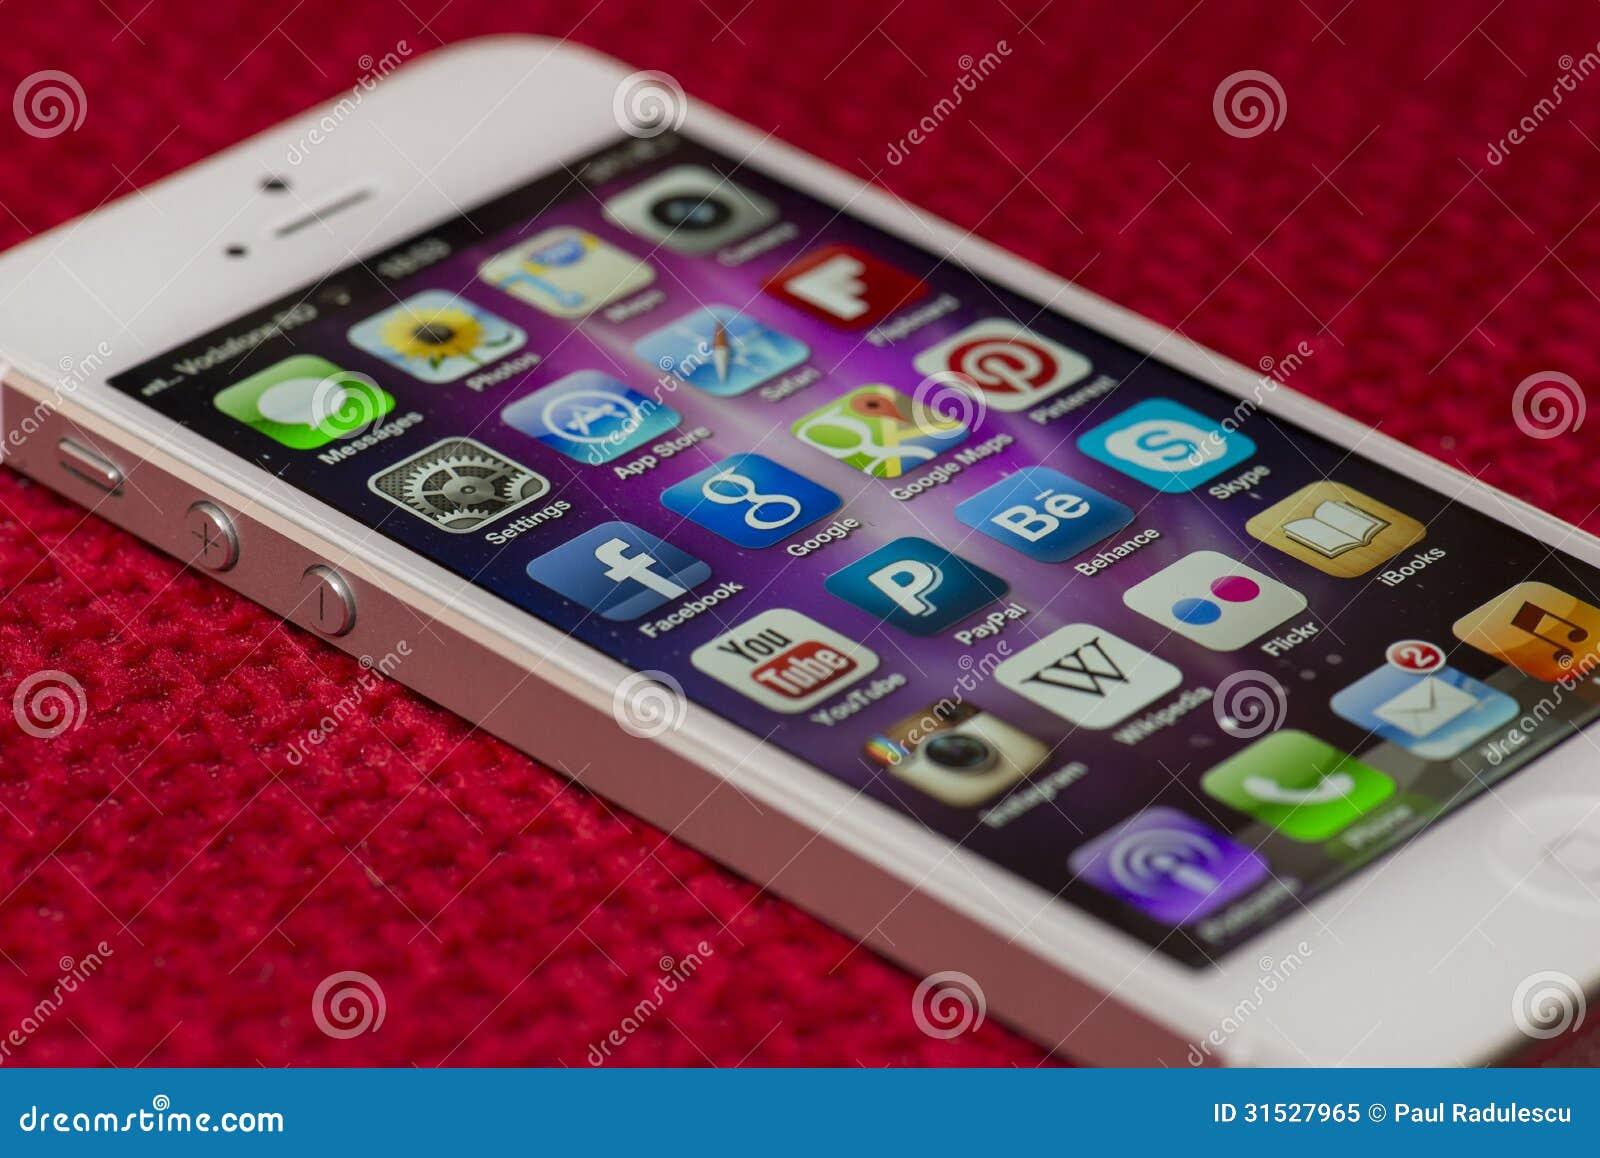 IPhone 5 Apps-het scherm op een rode oppervlakte